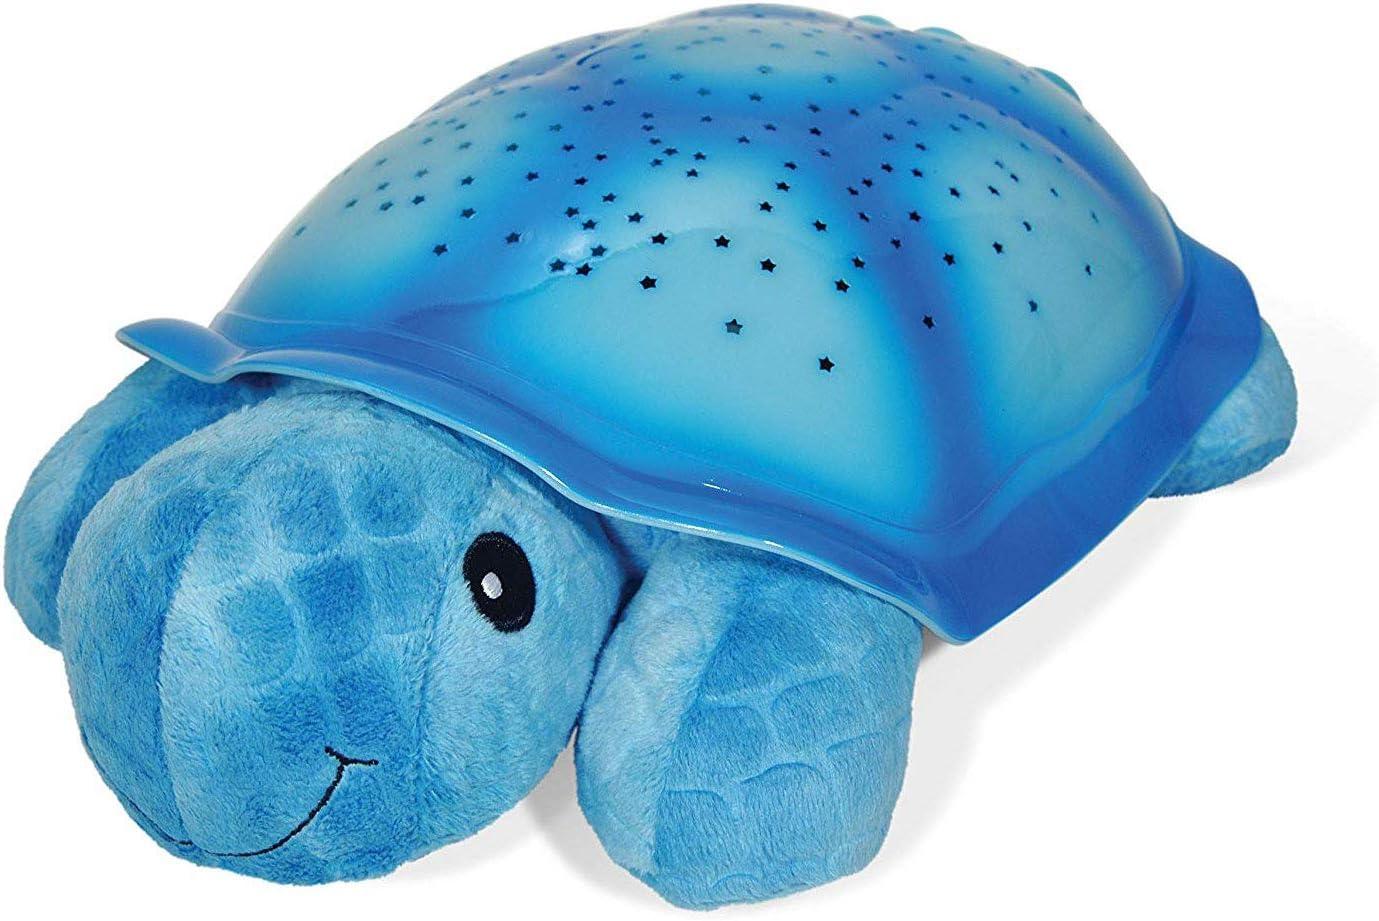 HUOQILIN Sterne Projektor Licht Schlaf Schildkröte Licht